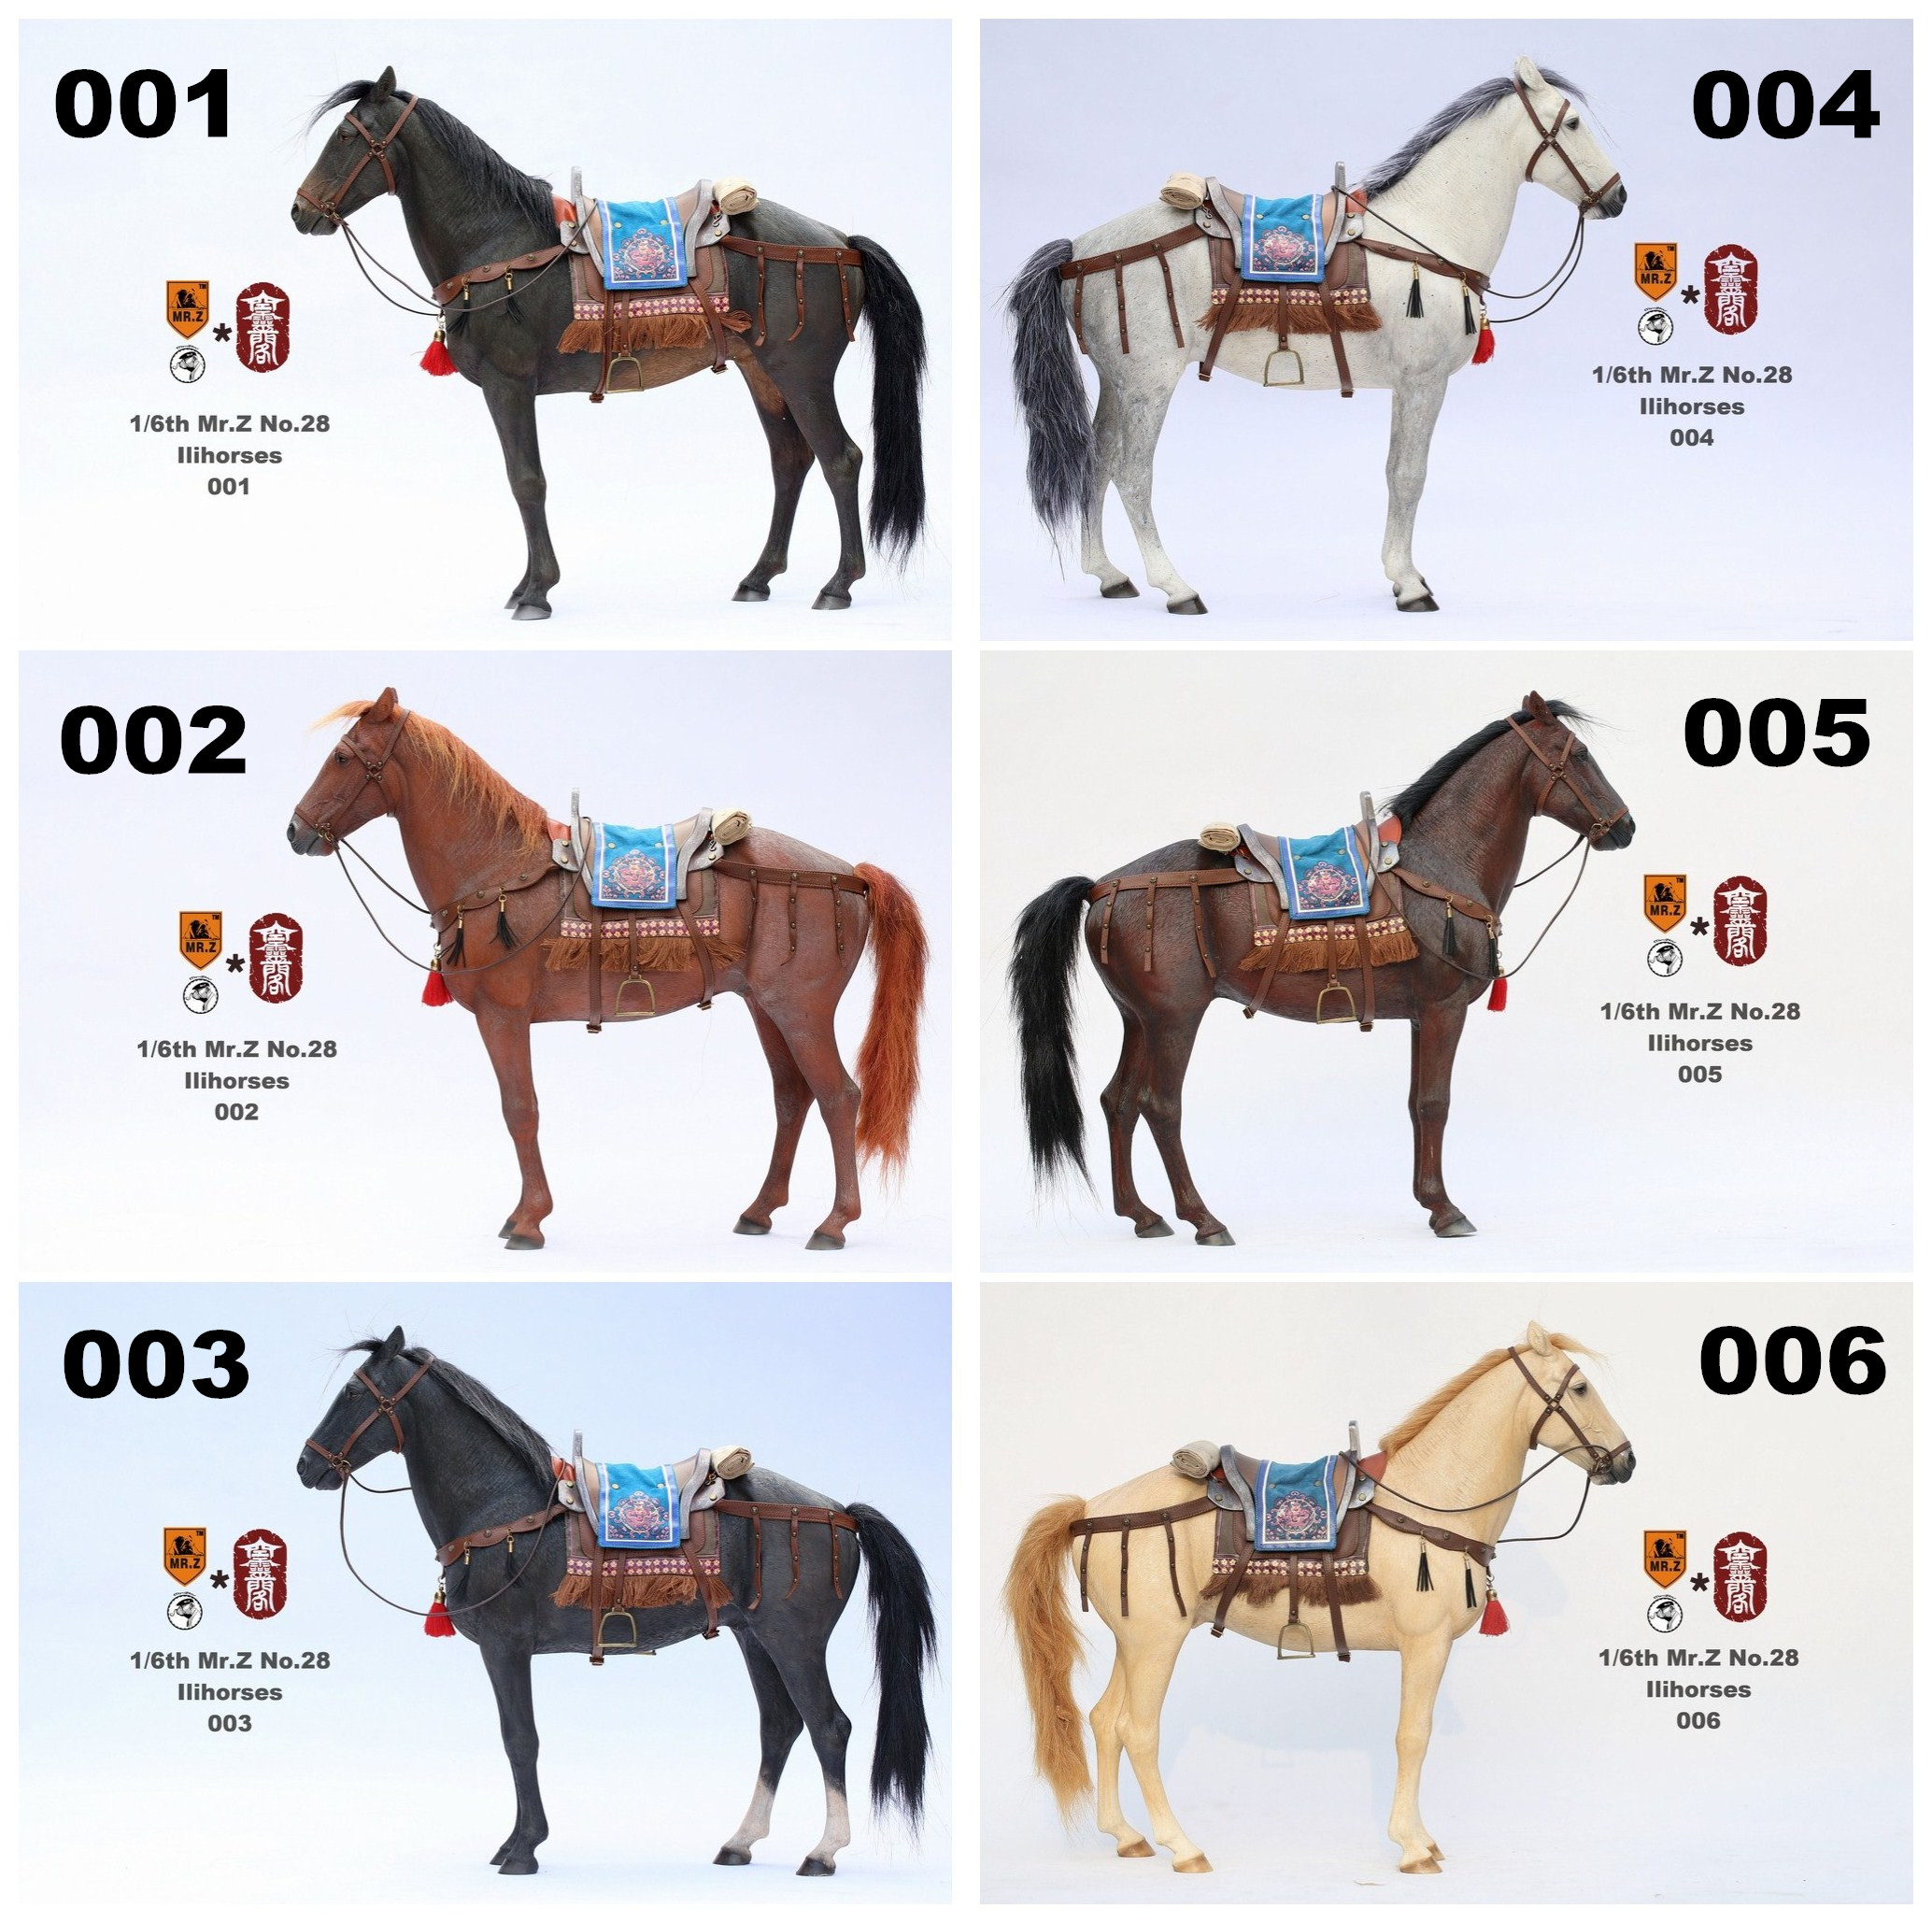 Mr.Z 1/6 MRZ028 001 - 006 Animal model - Ili Horses